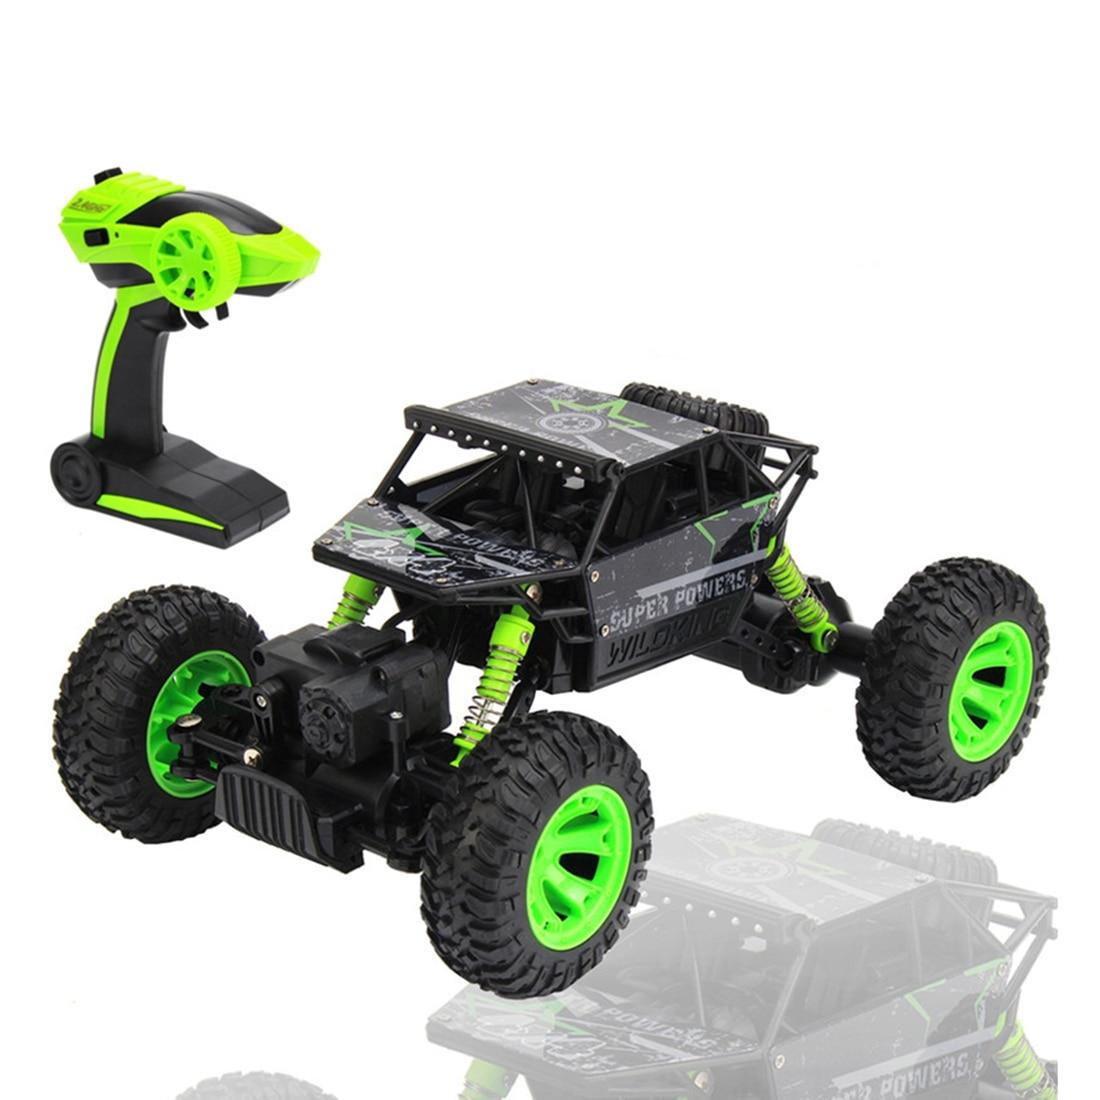 2.4 ghz 1:18 Échelle 4x4 Rock Robots Voiture RC Rock Crawler 4WD Hors Course Sur Route Camion De Voiture Jouet, UE Plug